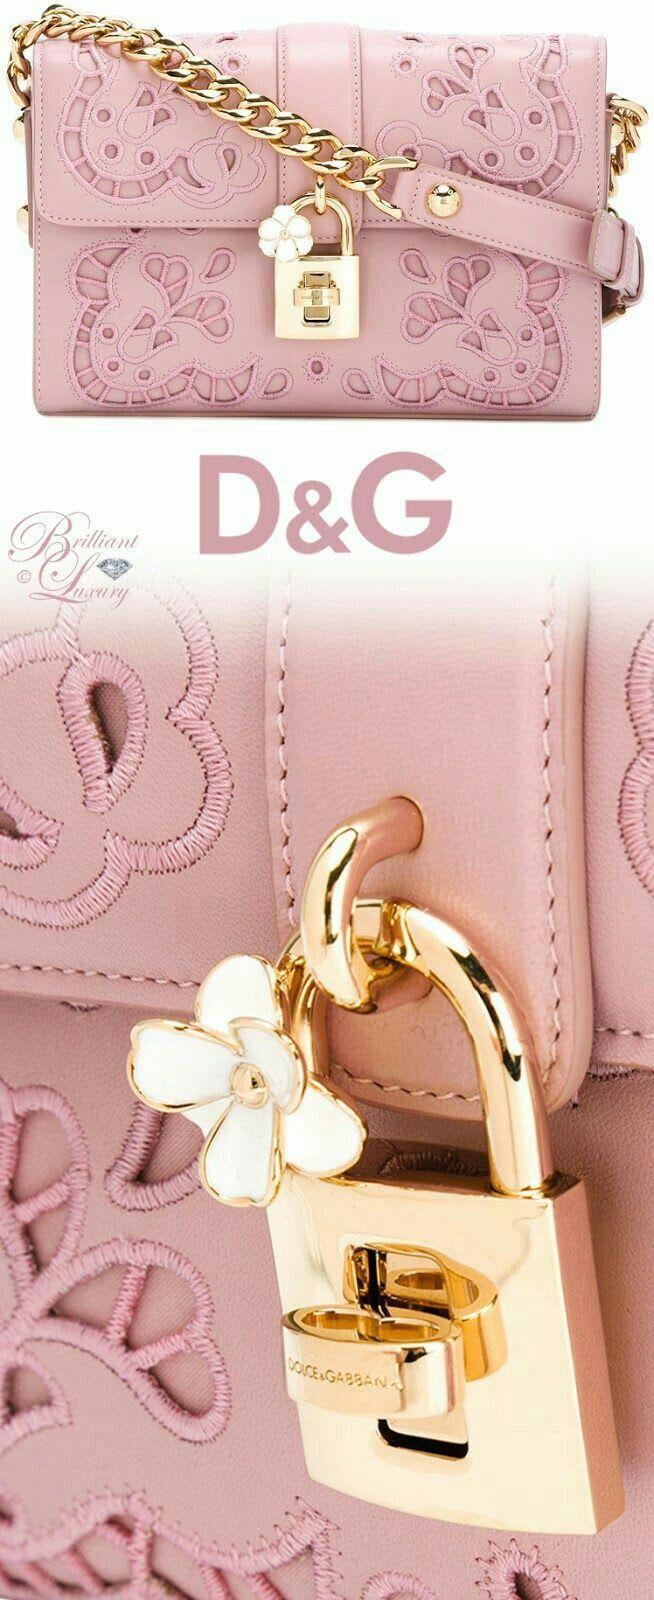 Dolce&Gabanna's bag